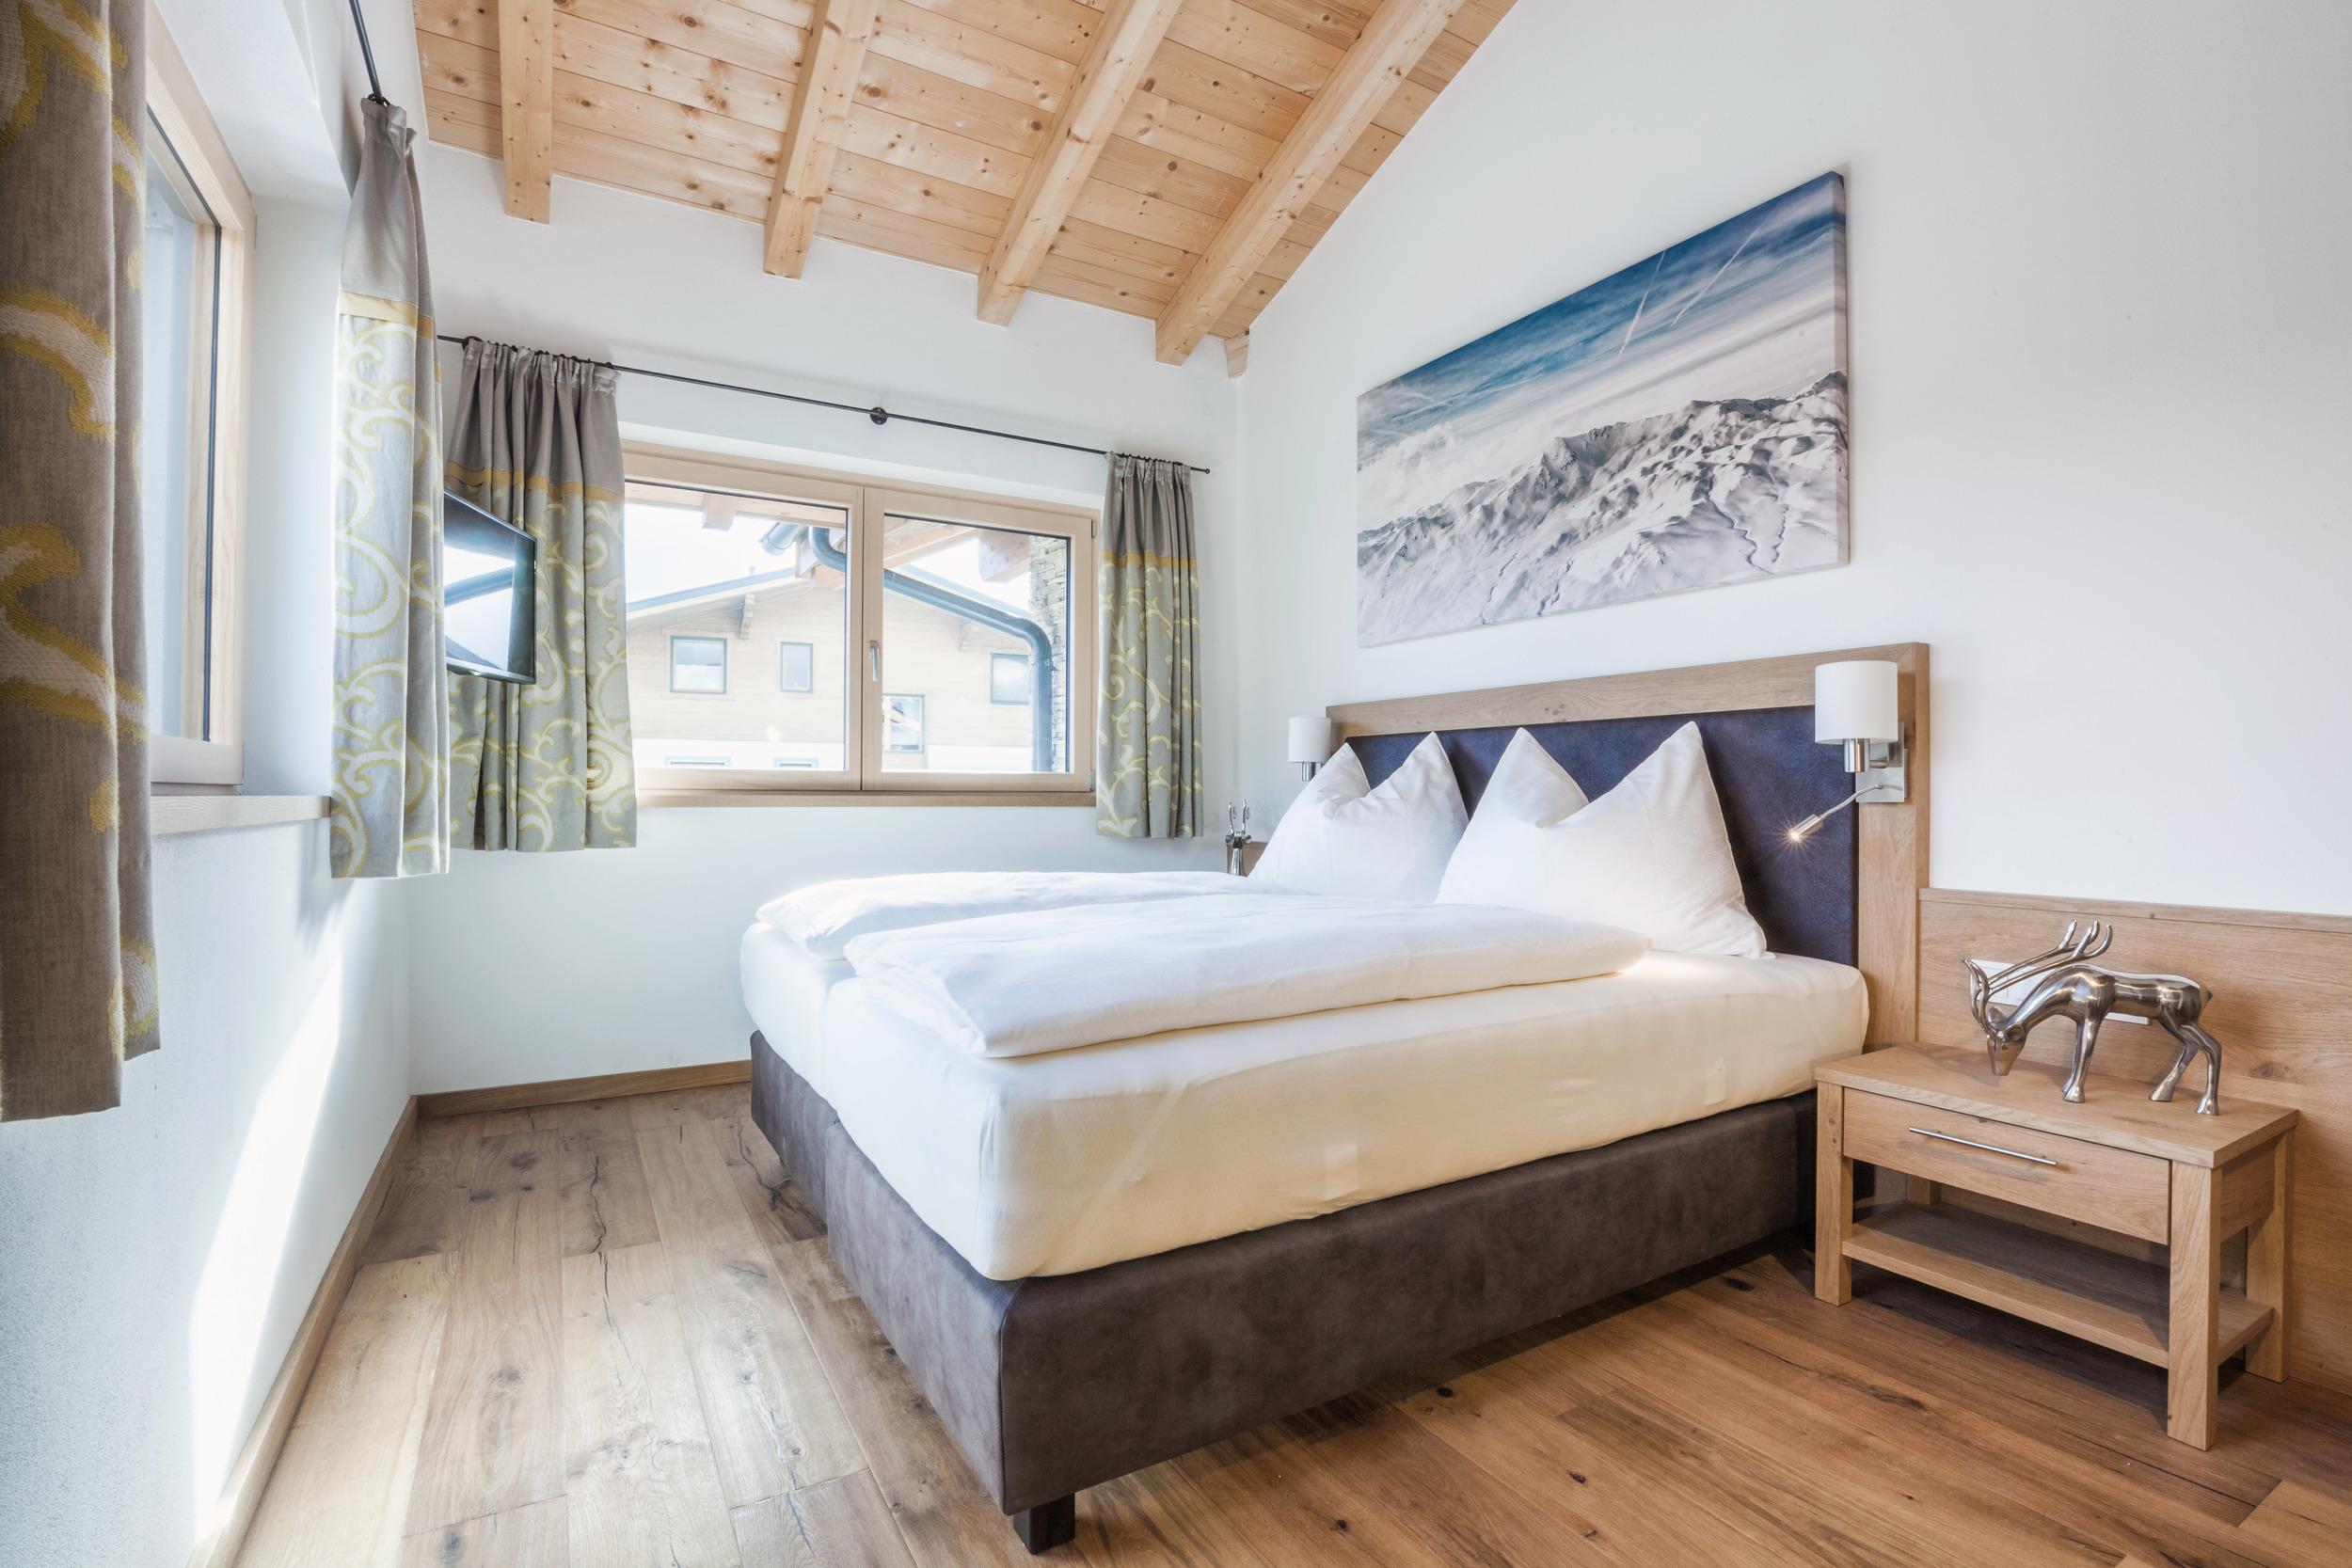 appartement-suites-liana-sophie-neukirchen-haus-innen-xxl-zimmer